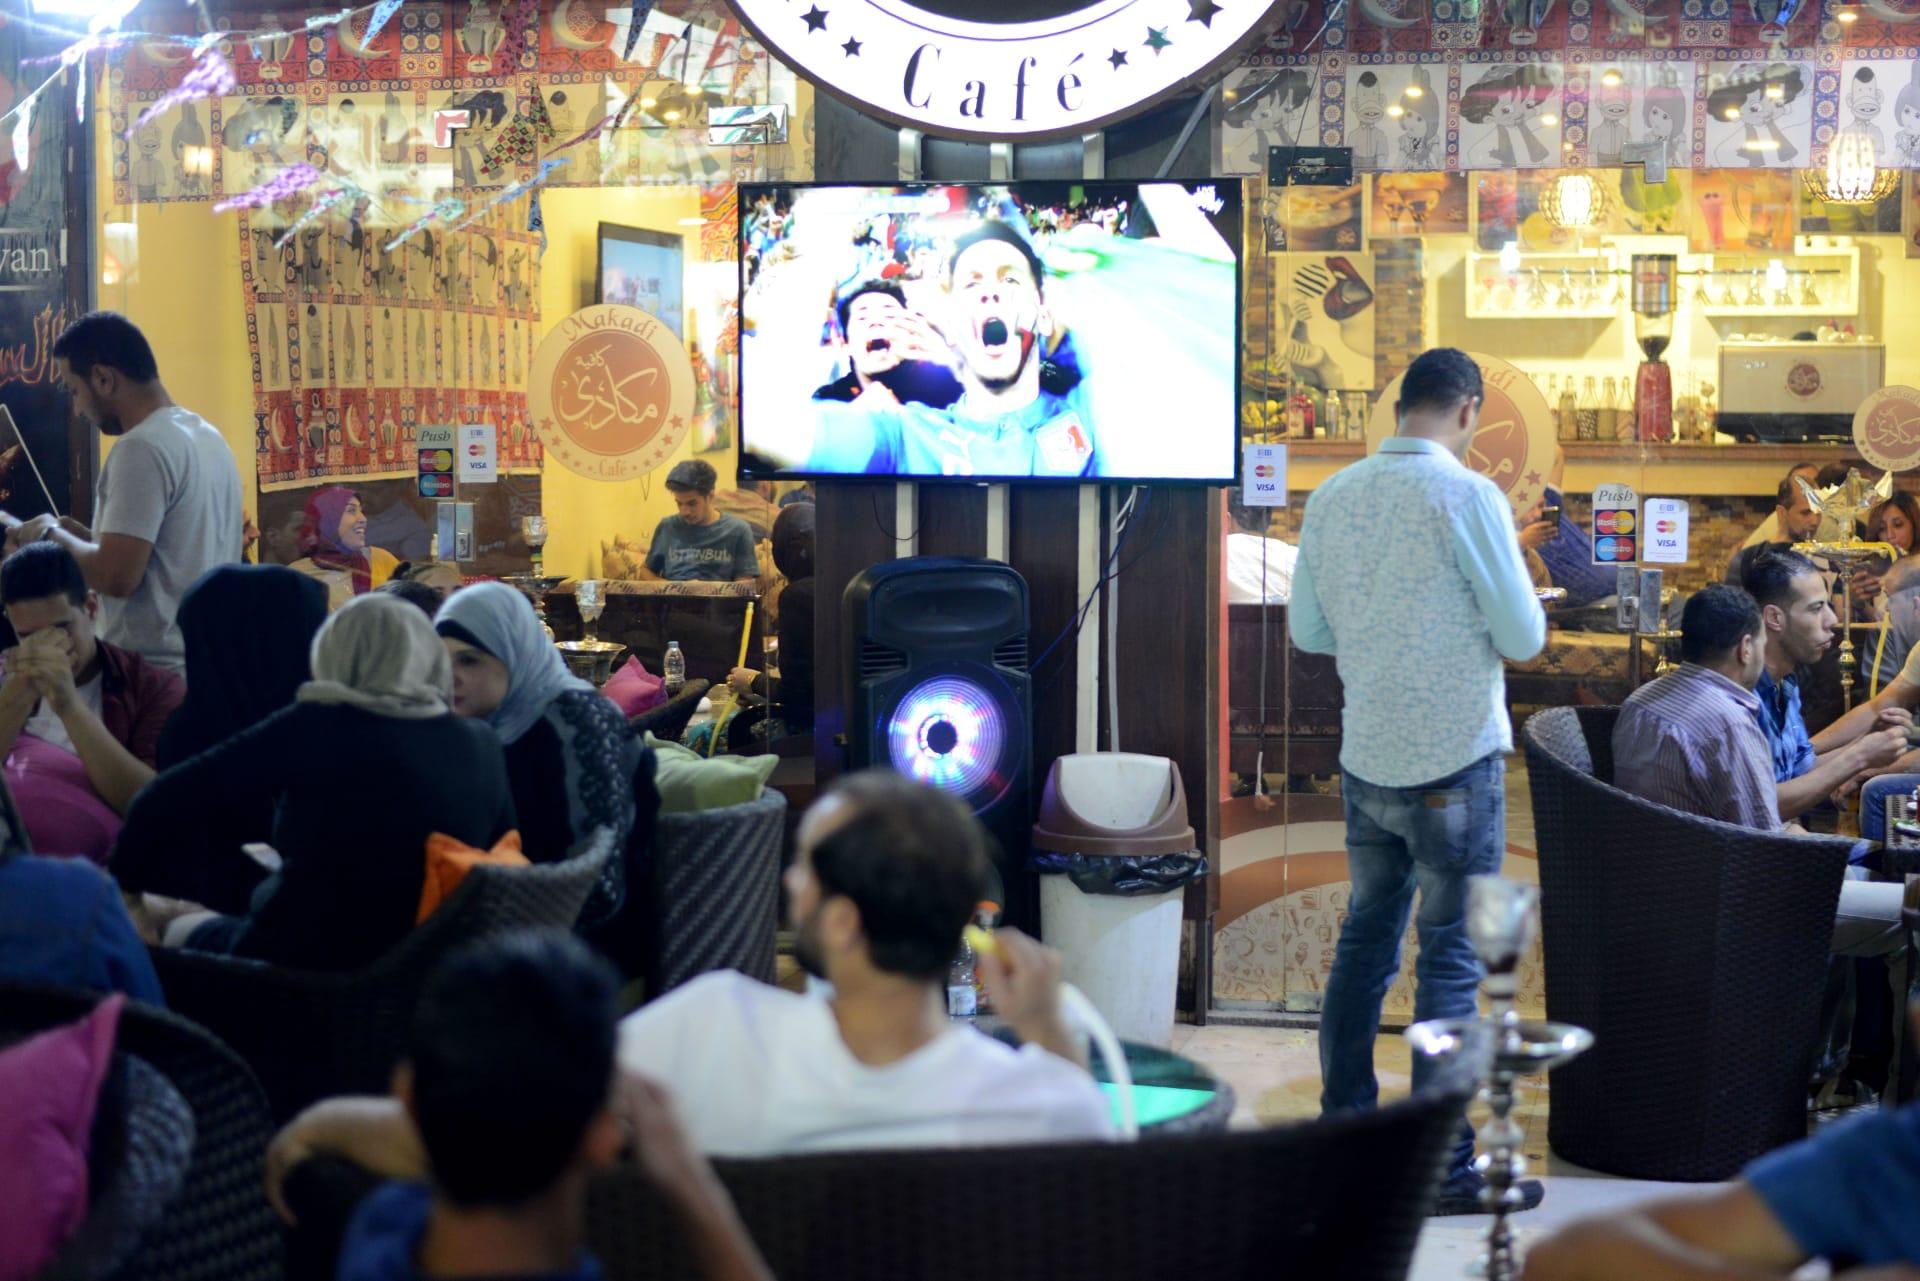 صورة أرشيفية من داخل مقهى في مصر